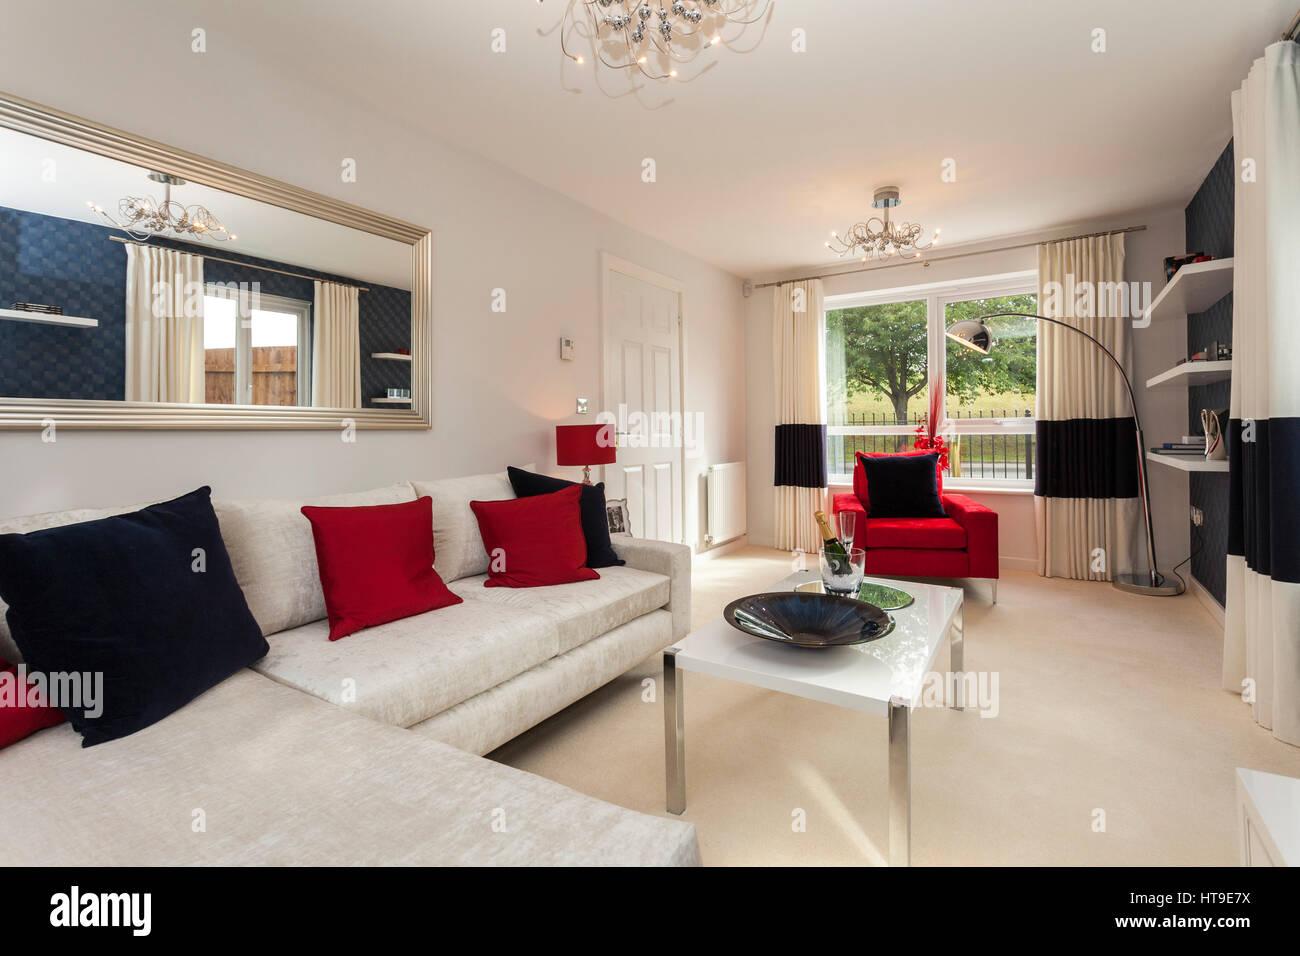 Home Intérieur, Maison Moderne, Nouvelle Construction Du0027un Salon, Salle De  Séjour, Meubles Bas, Crème, Rouge, Bleu,